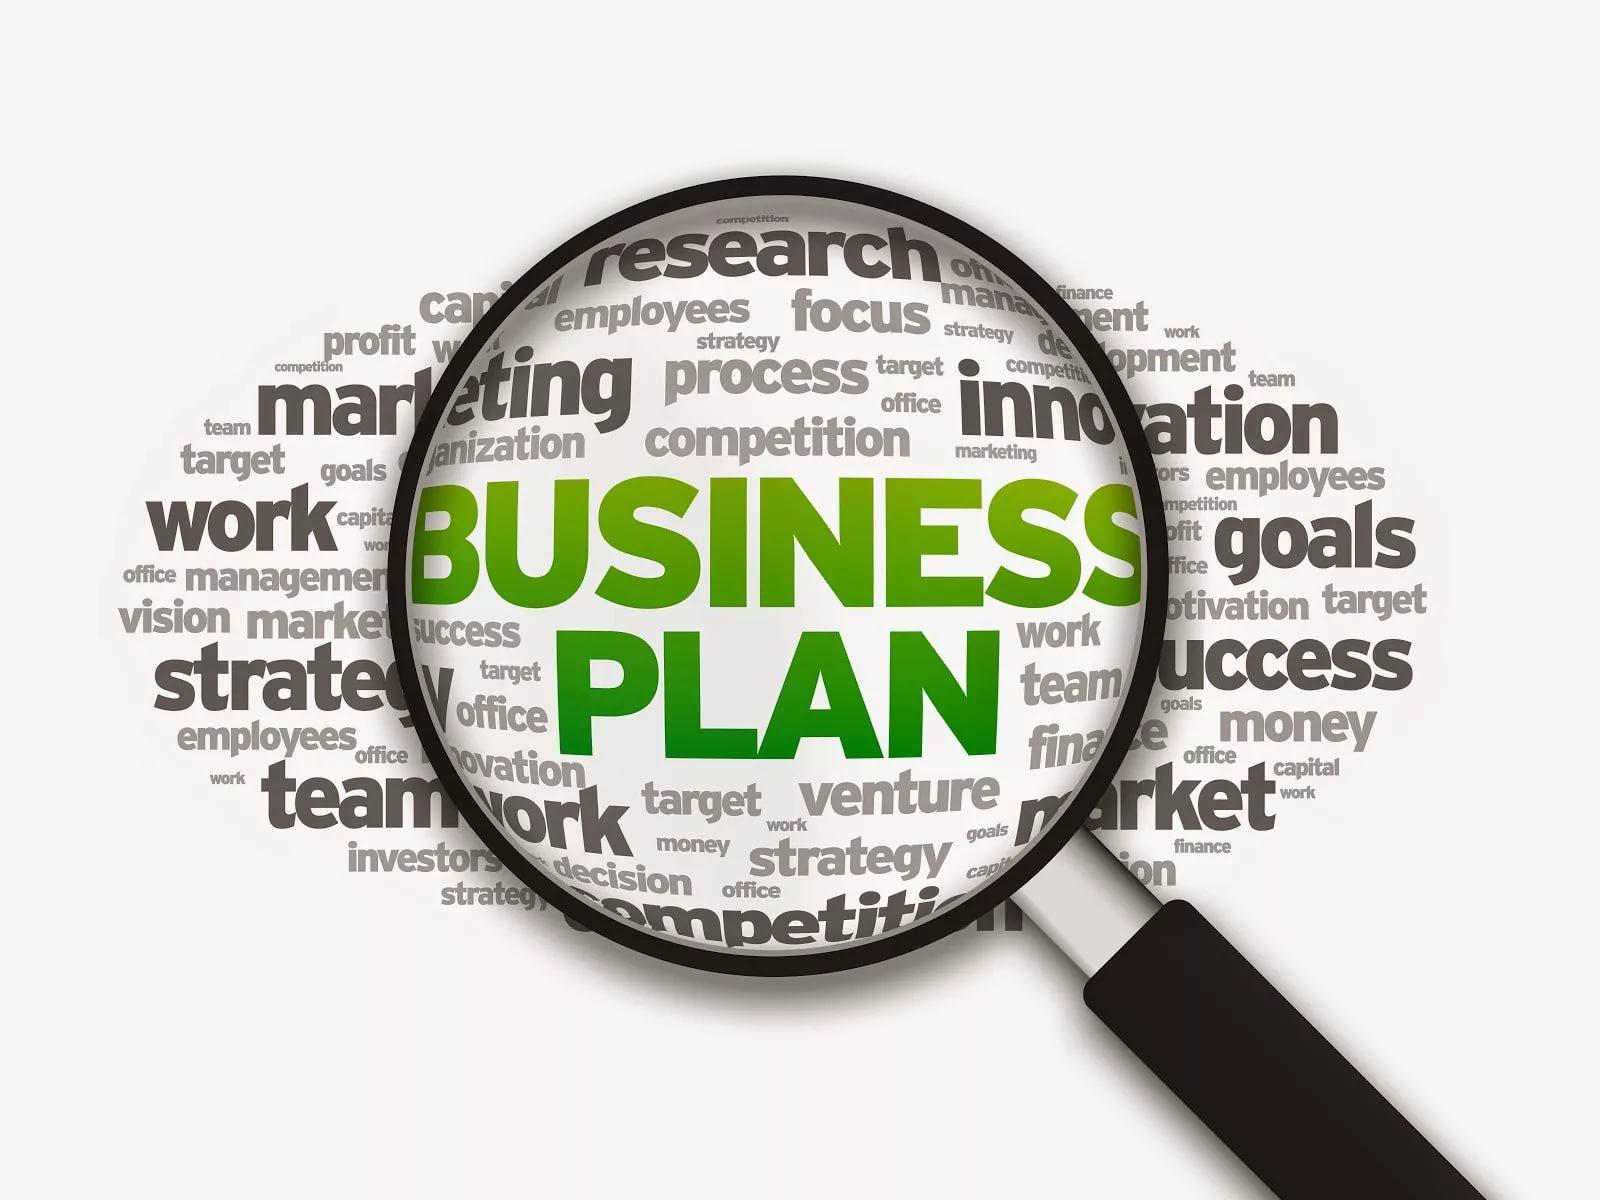 инвестиционный бизнес план на 2020